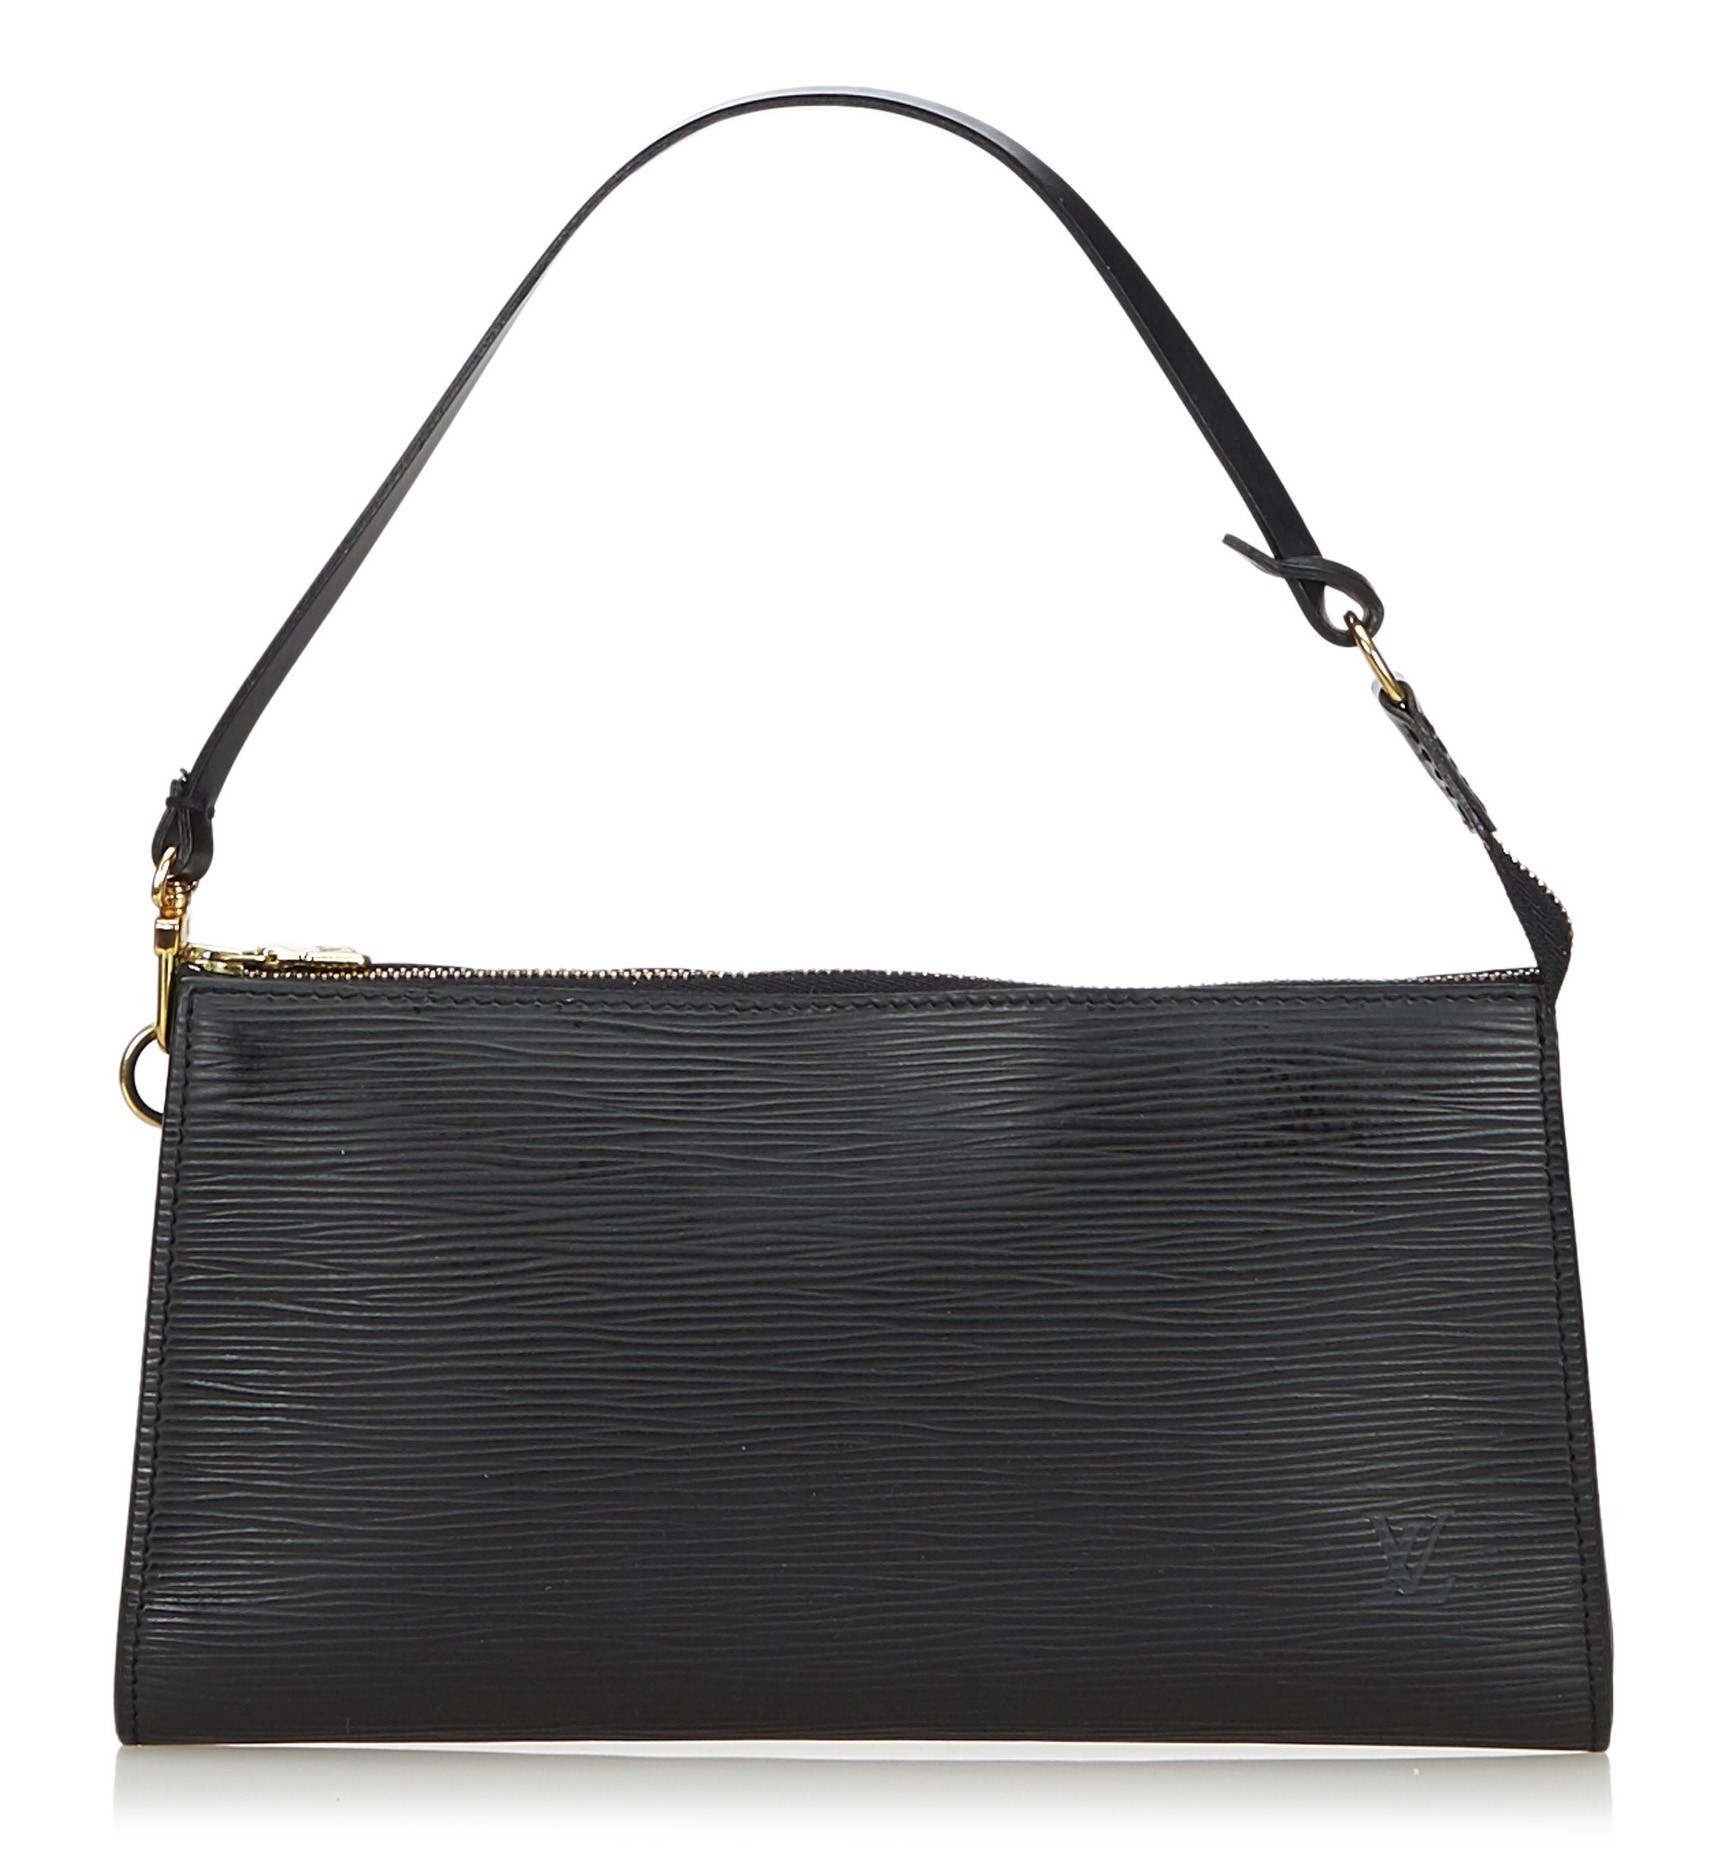 Louis Vuitton Vintage - Epi Pochette Accessoires Bag - Black